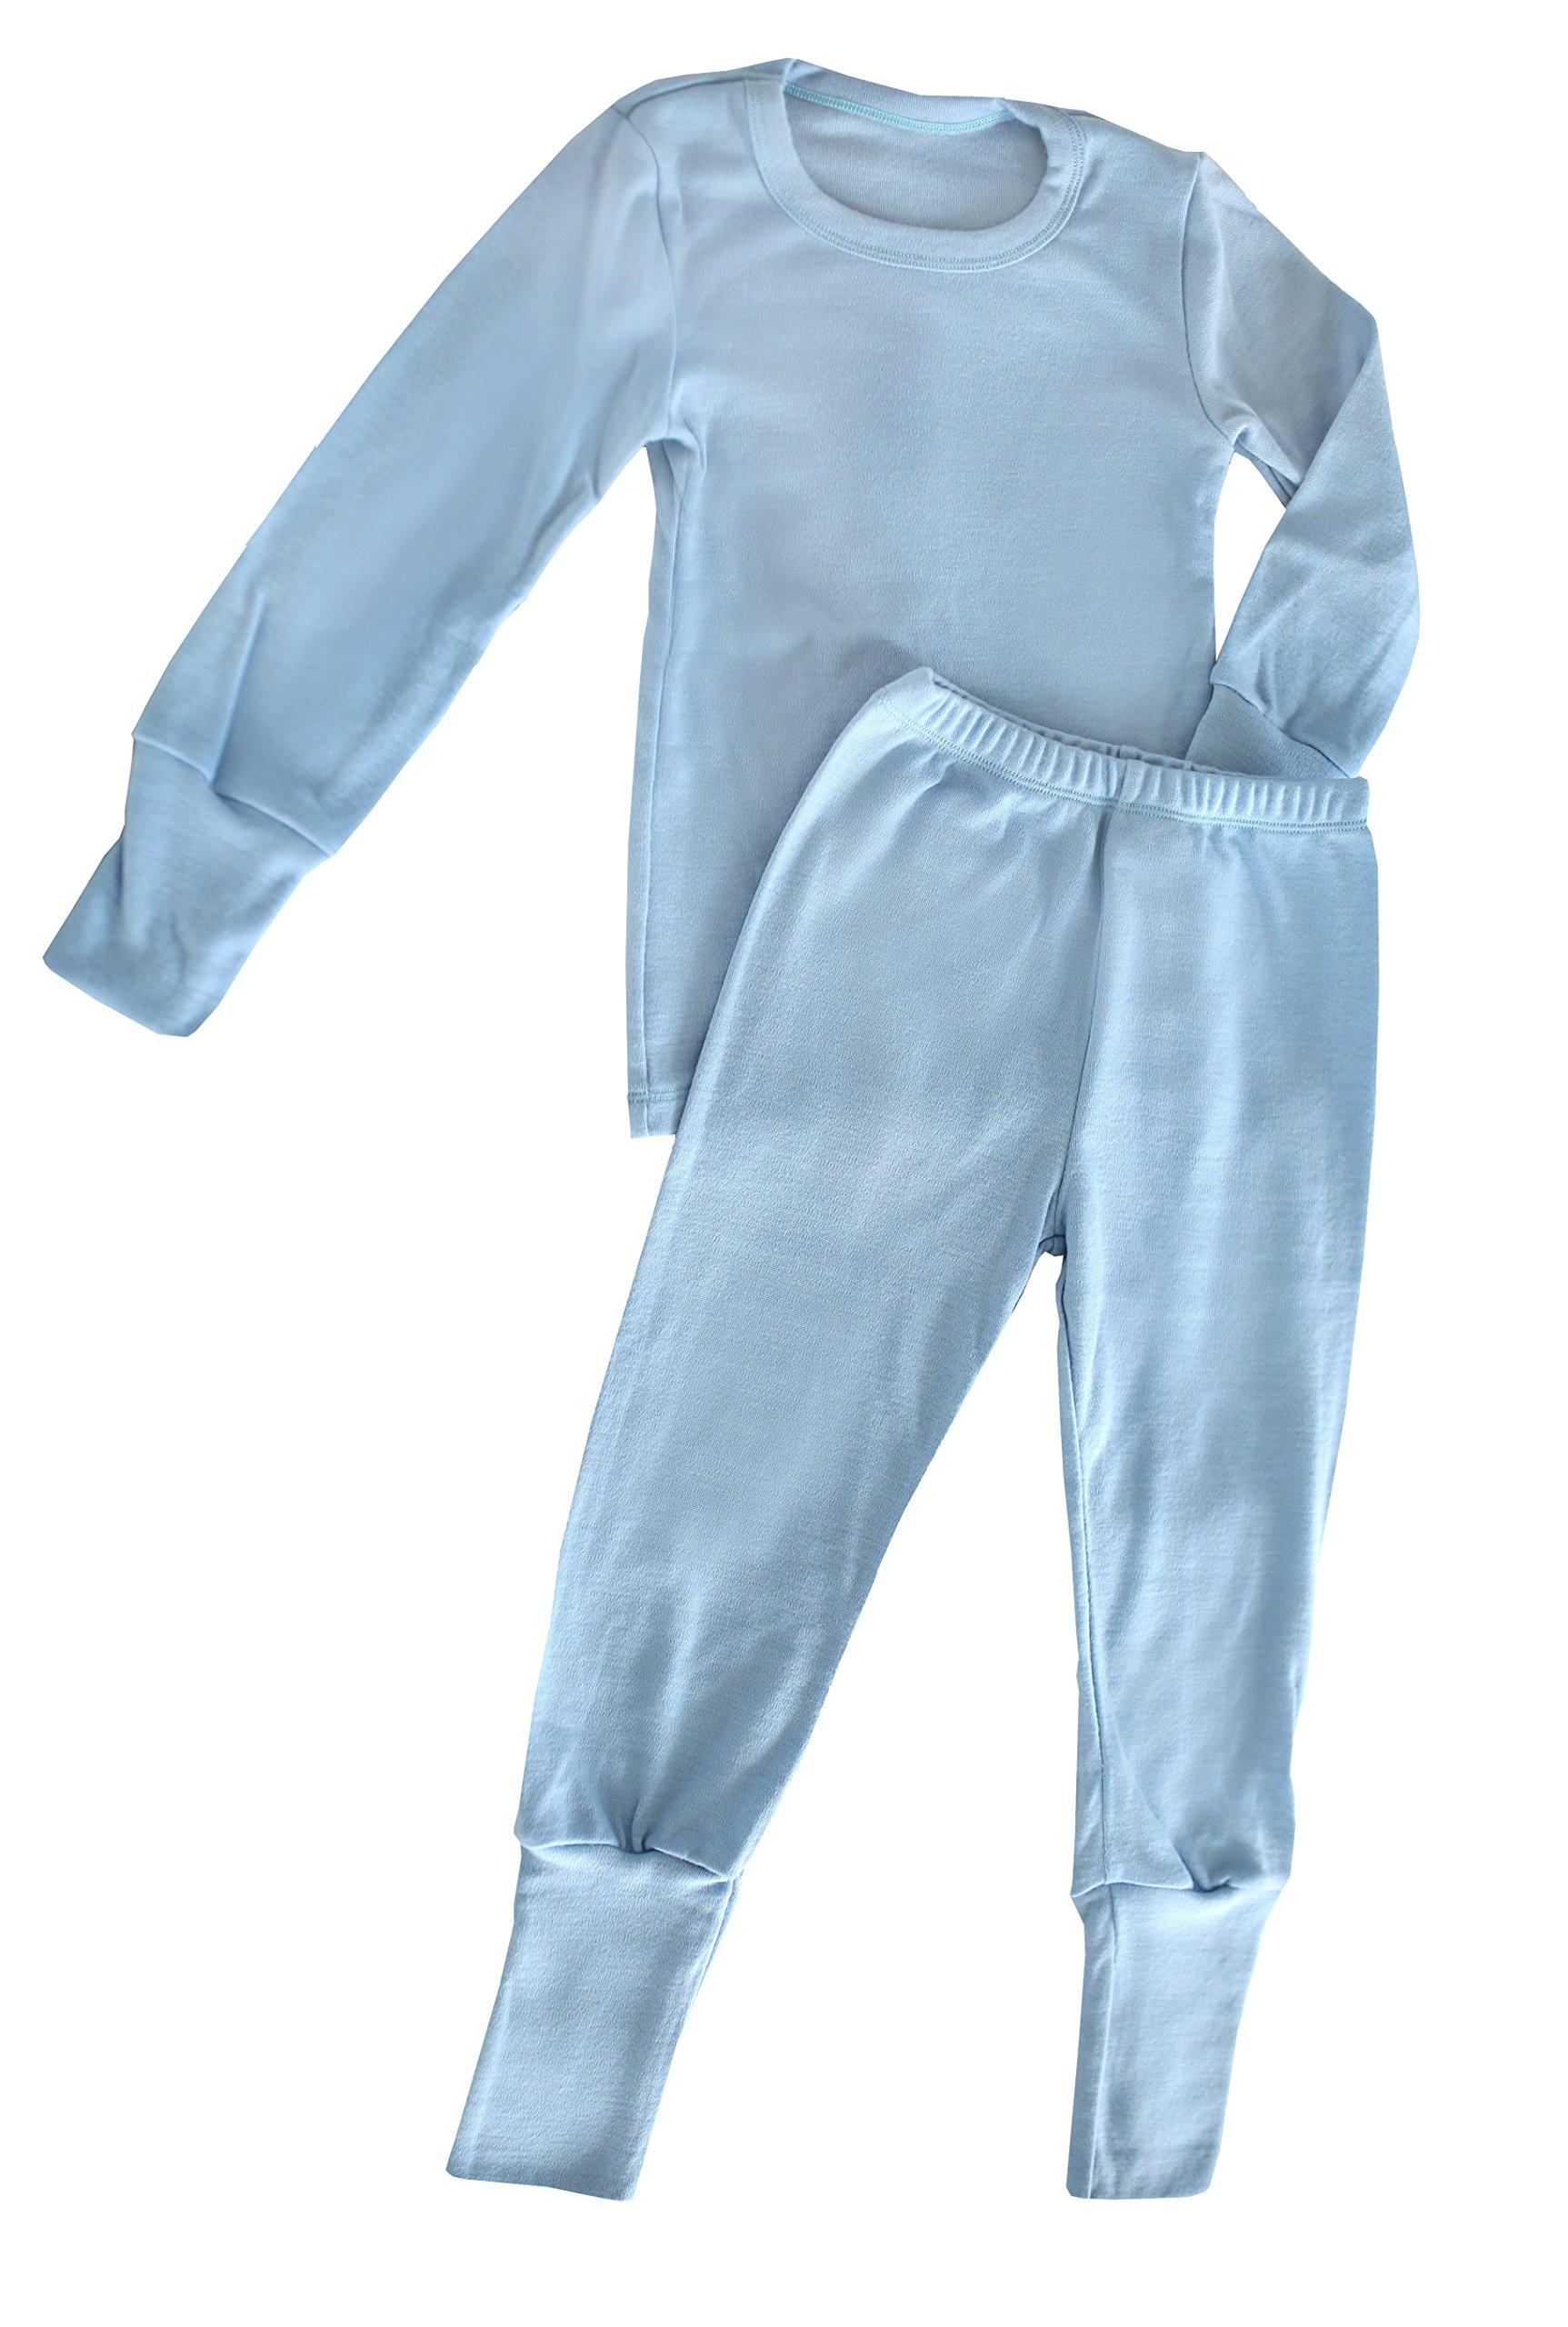 Green Rose Kid's Pyjamas Set Girl Boy Unisex Toddler Nightwear PJs Pajama 100% Merino Wool 1 Year - 9 Year (Light Blue, 134/140 cm 7-9 Years)